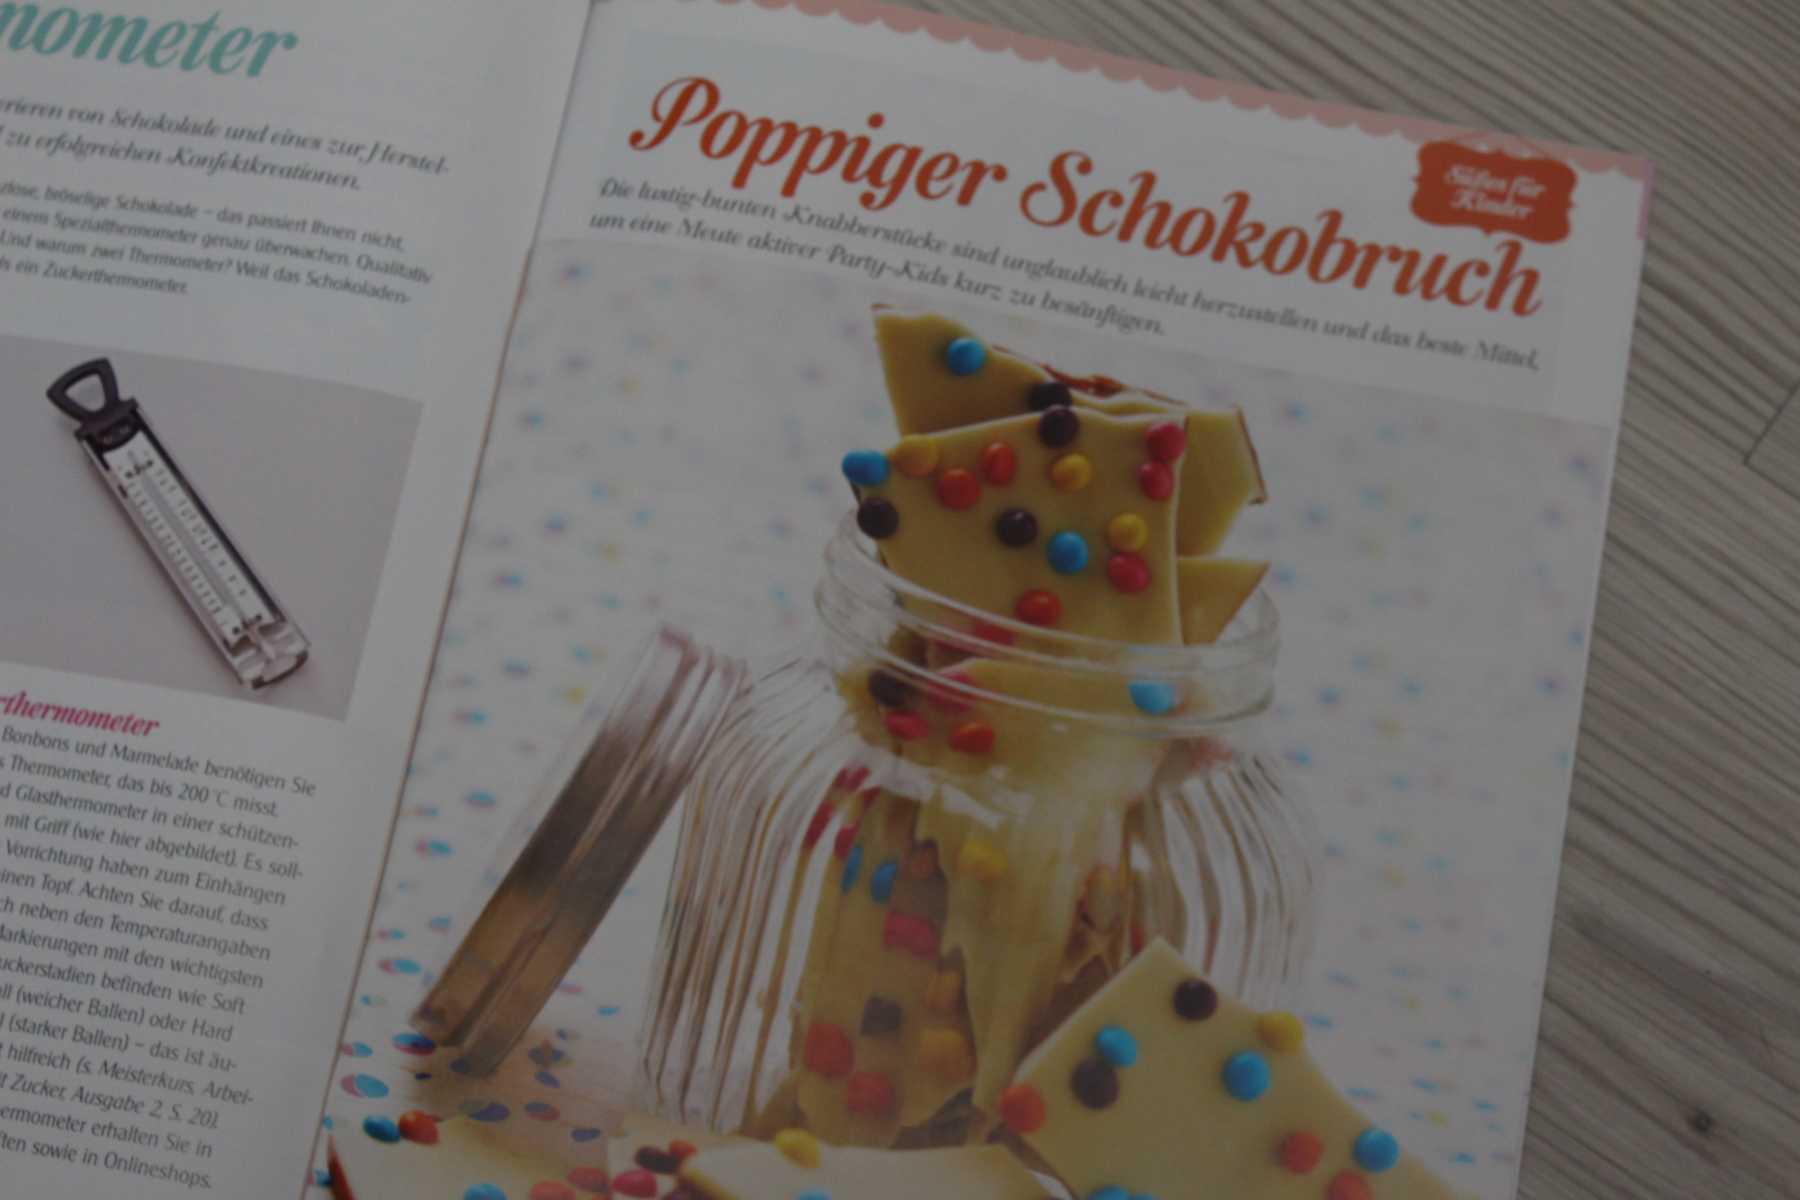 Torten Dekorieren Zeitschrift süße kreationen die neue zeitschrift give away geschlossen muffin